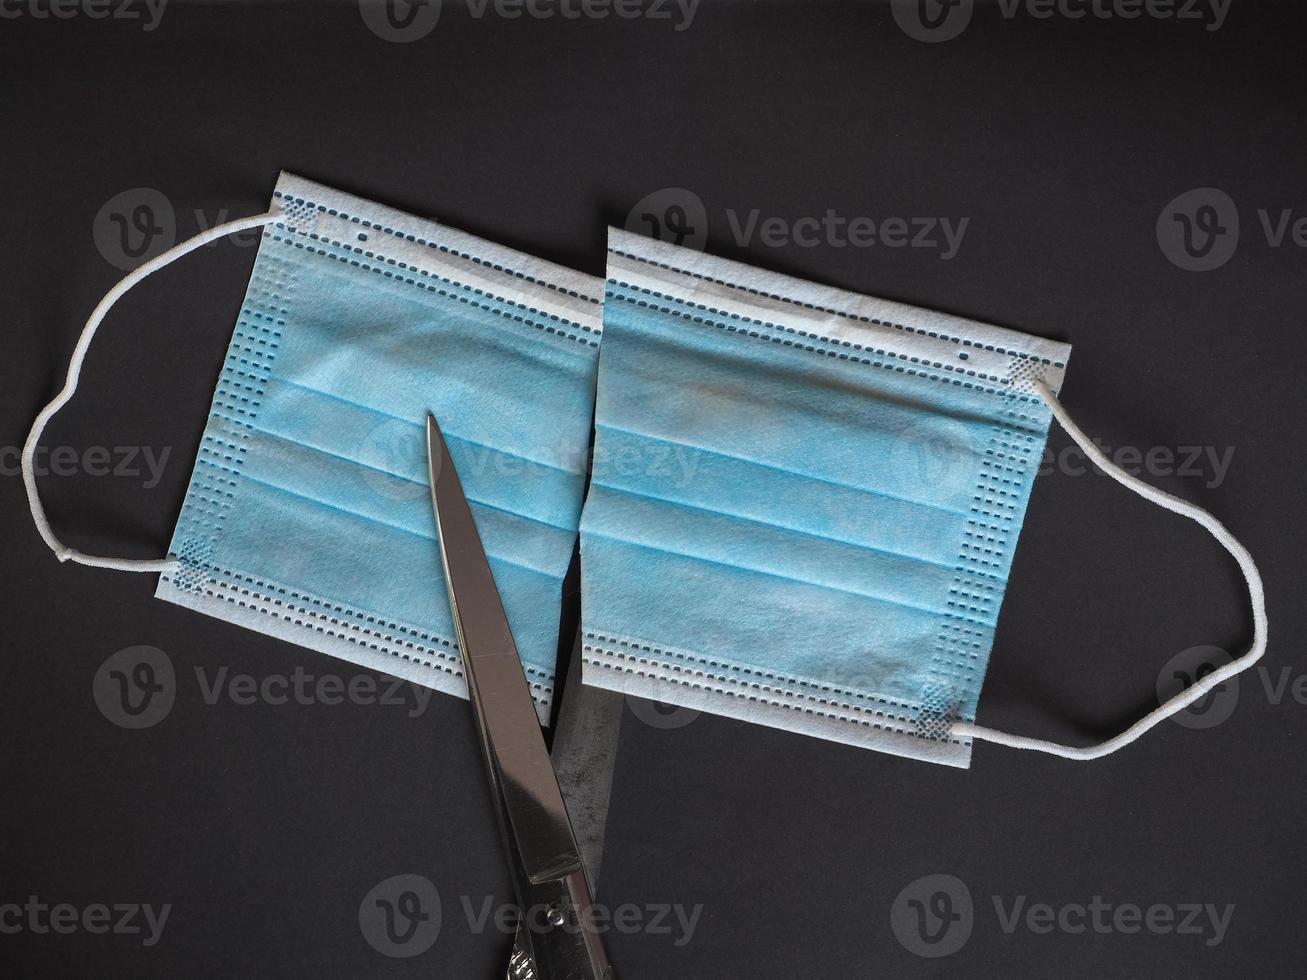 correcte verwijdering van gebruikt medisch masker, geknipt om hergebruik te voorkomen foto